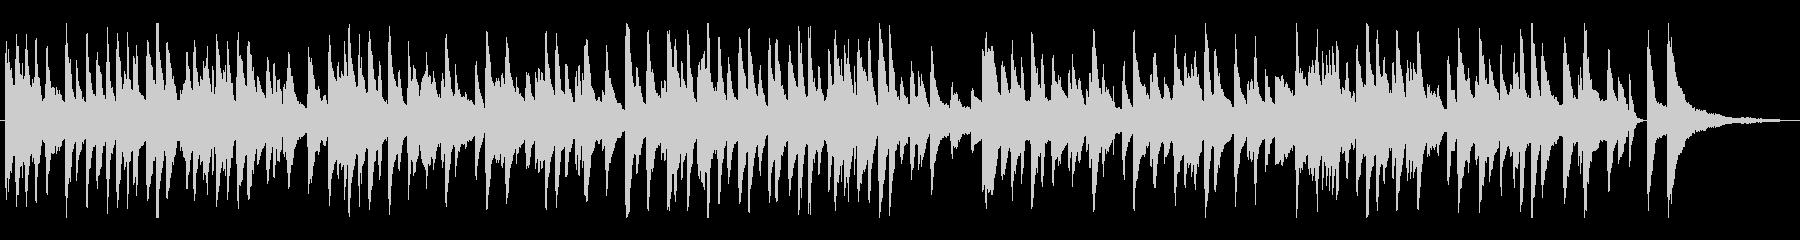 ピアノソロの正統派なラウンジミュージックの未再生の波形